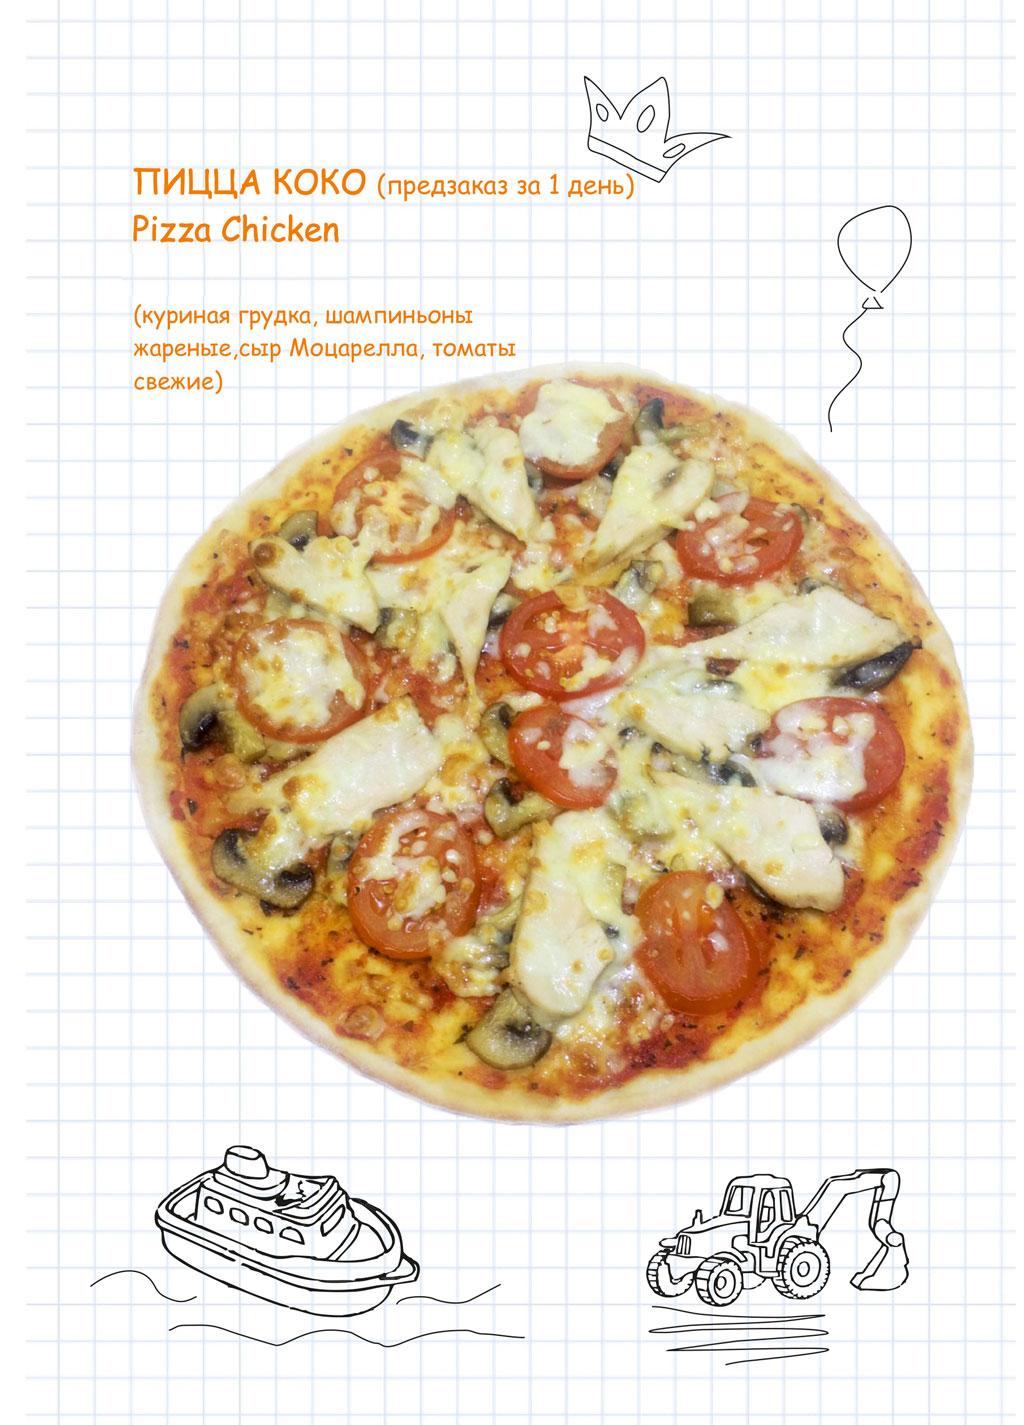 Пицца Коко (предзаказ за 1 день) (Pizza chicken) в ресторане Аннам Брахма в Оренбурге